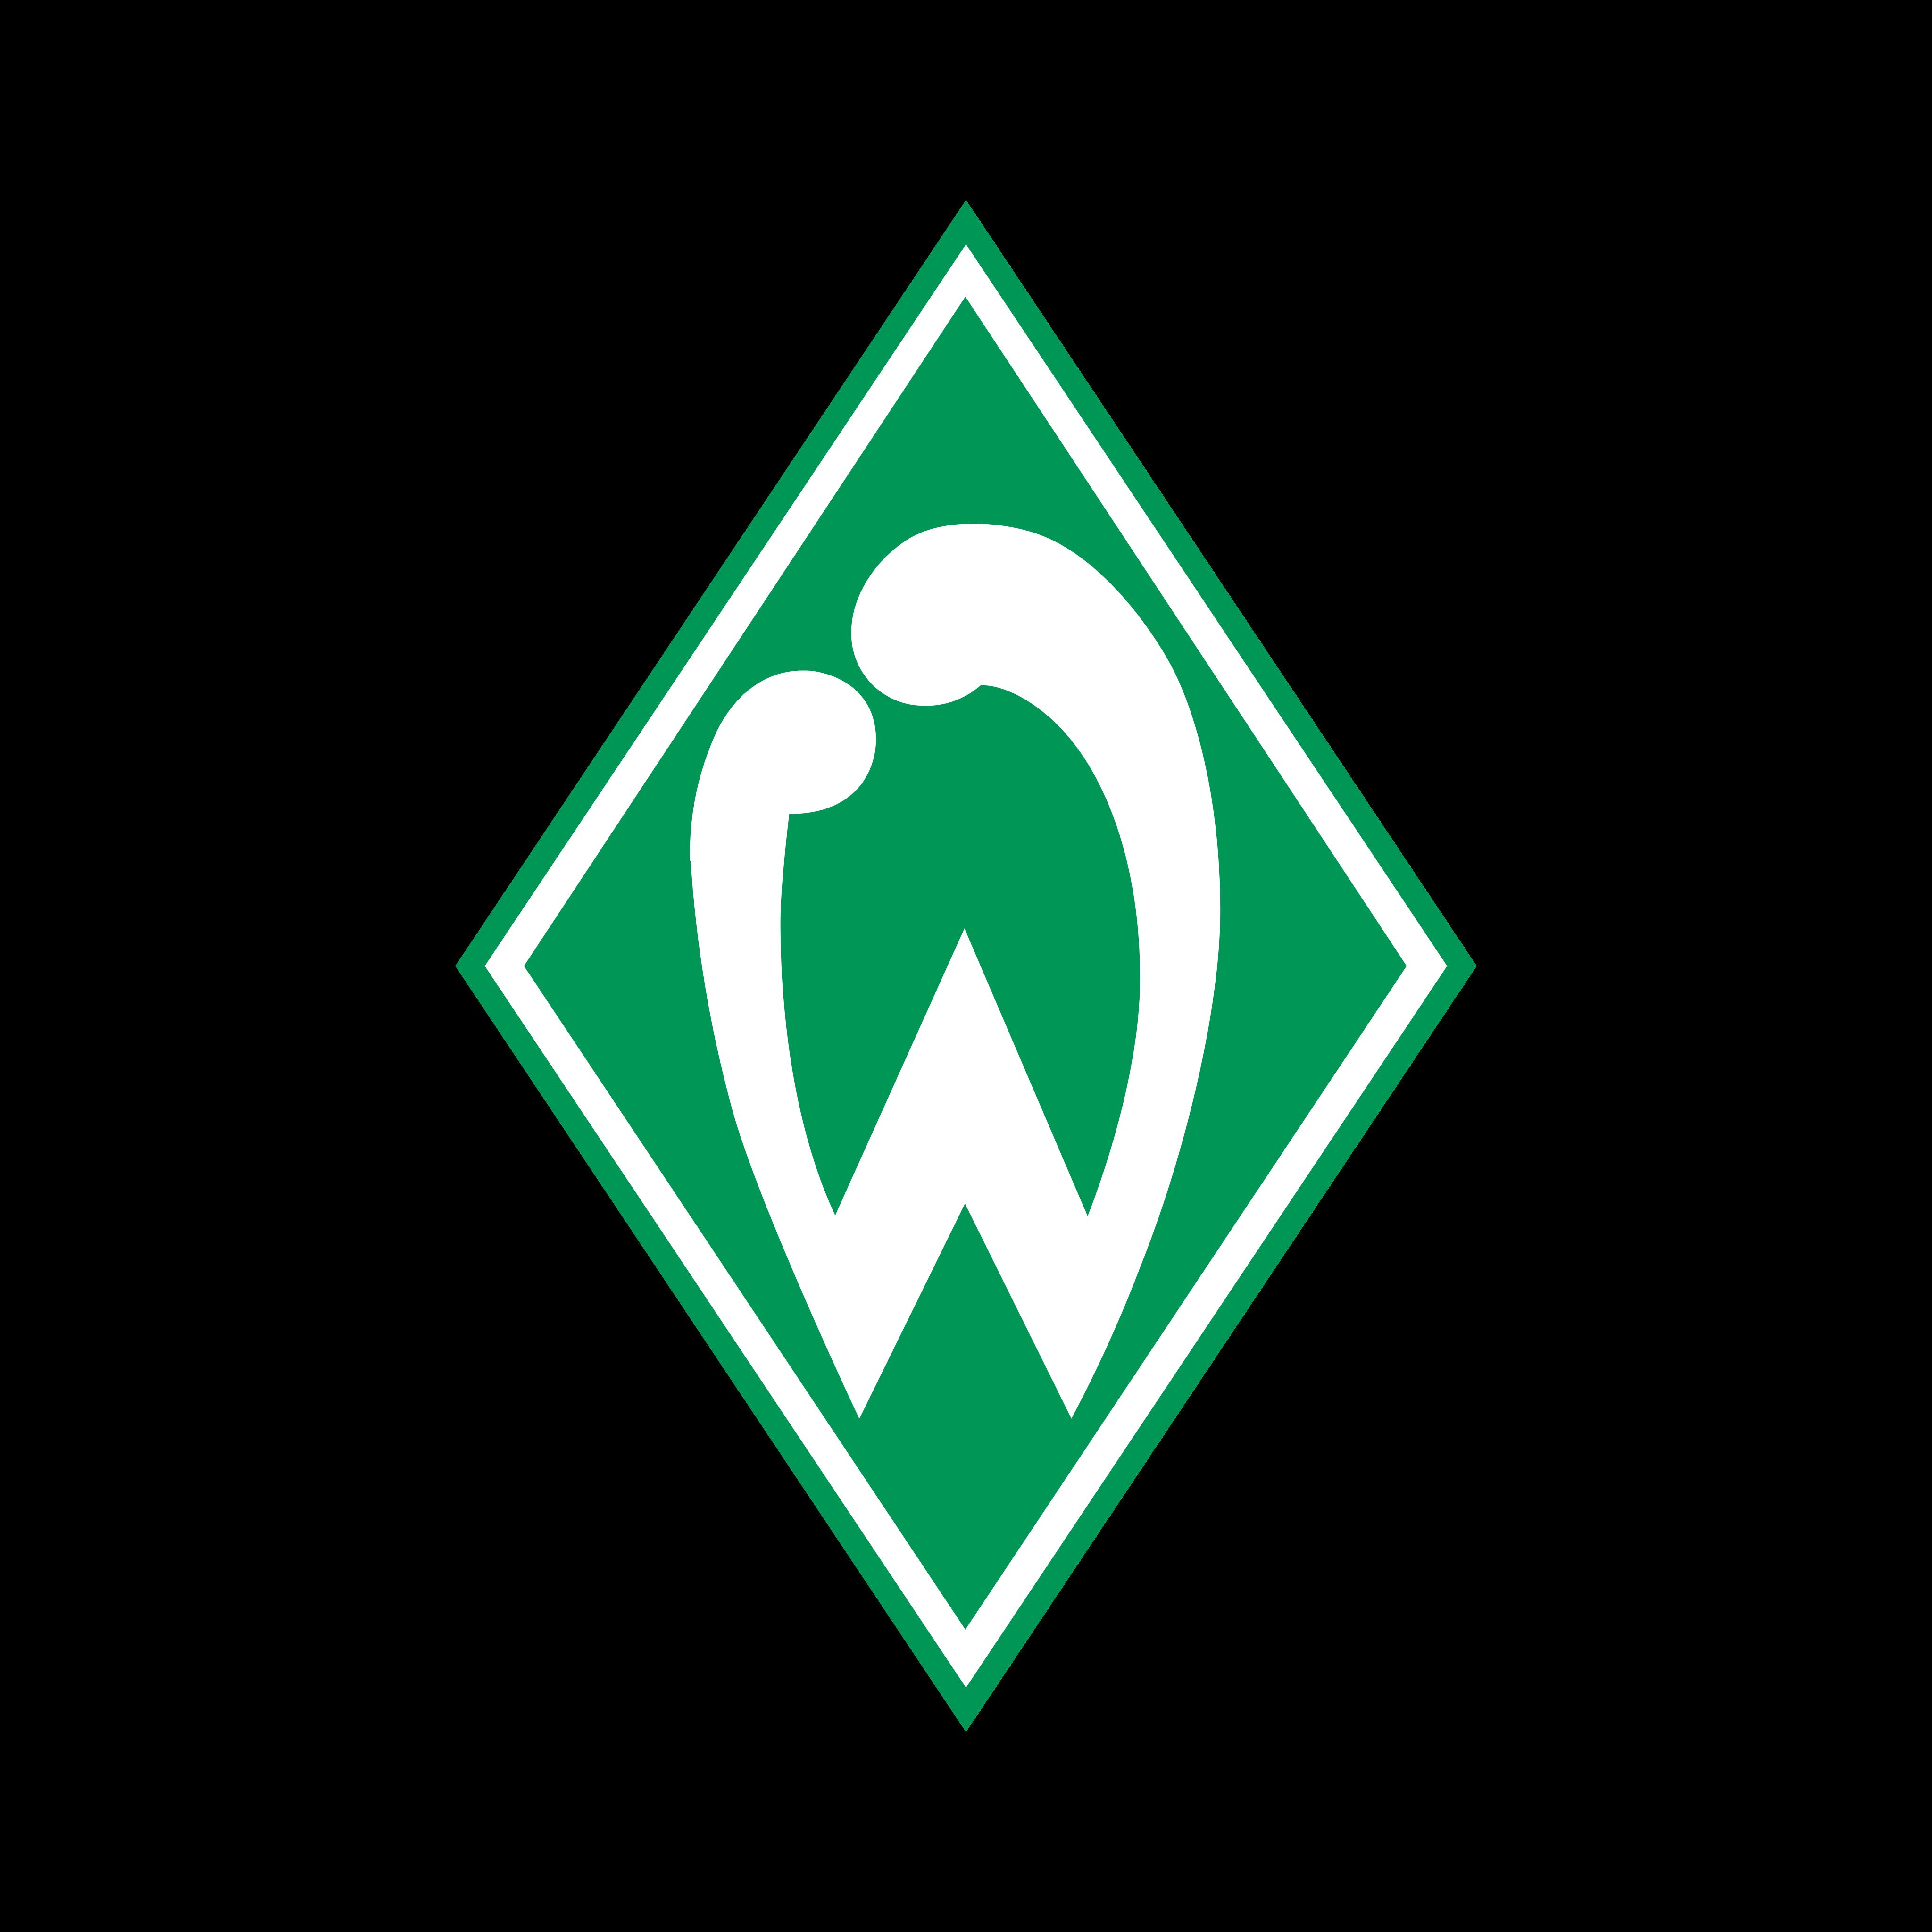 werder bremen logo 0 - SV Werder Bremen Logo